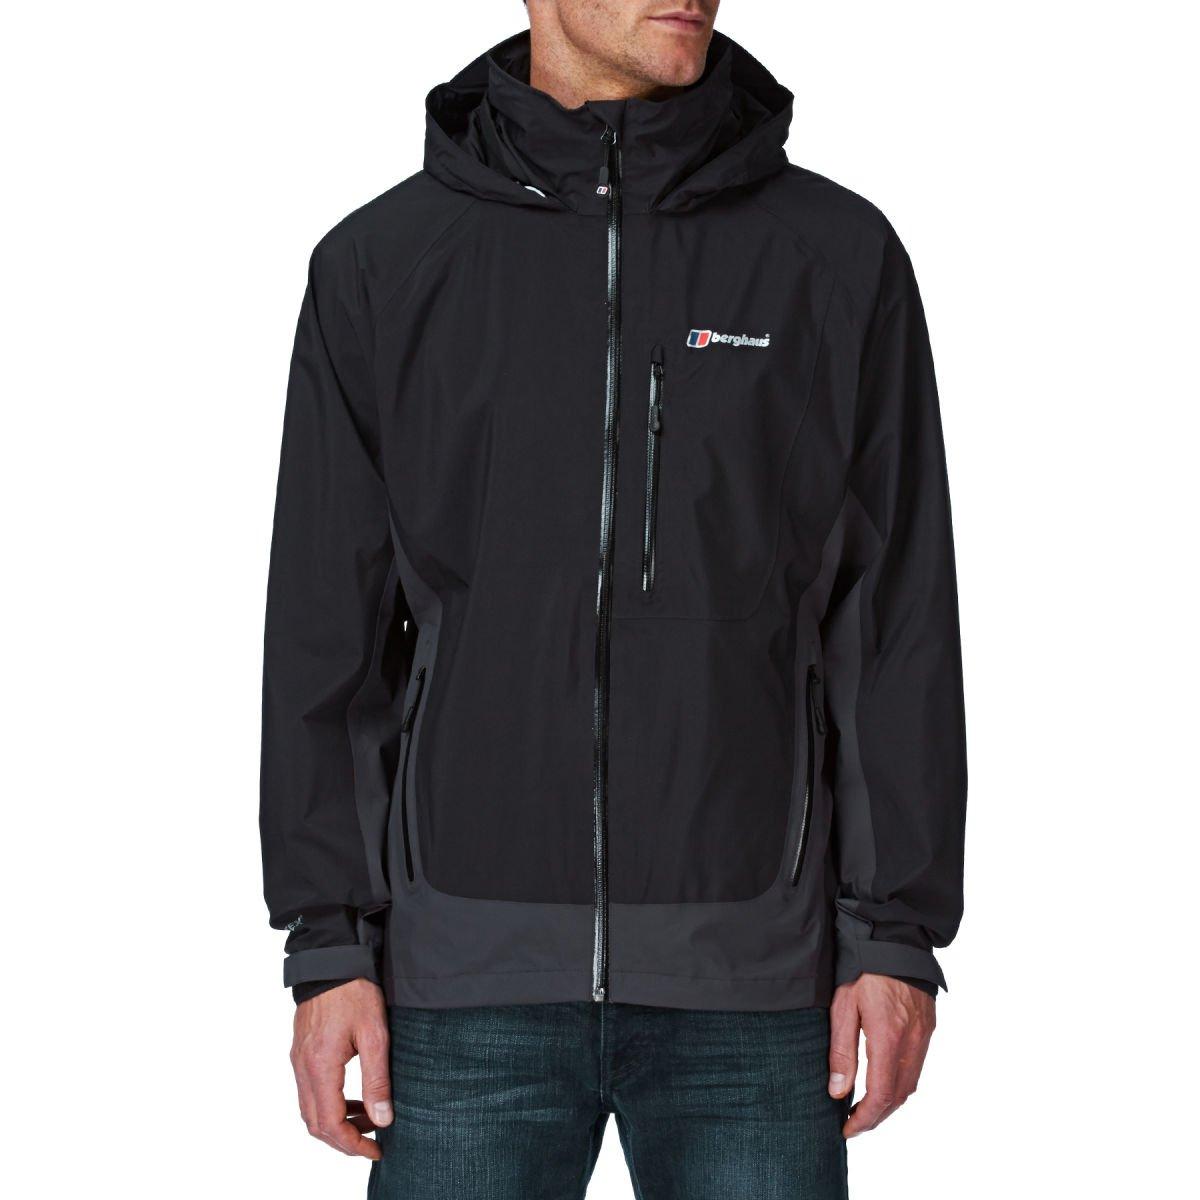 Berghaus Carrock Jacket Men – Regenjacke bestellen